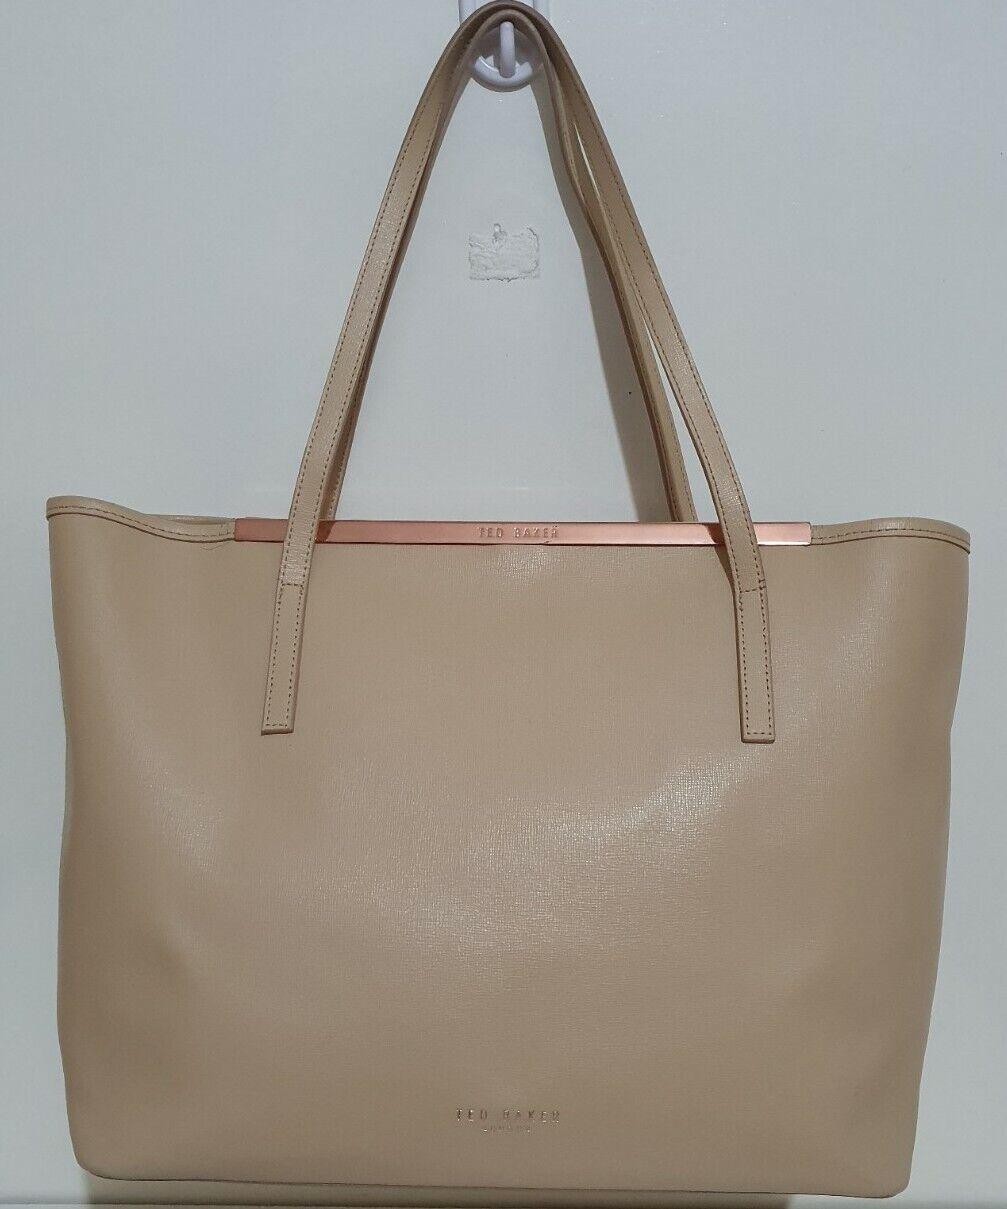 Ted Baker beige leather large shoulder tote bag